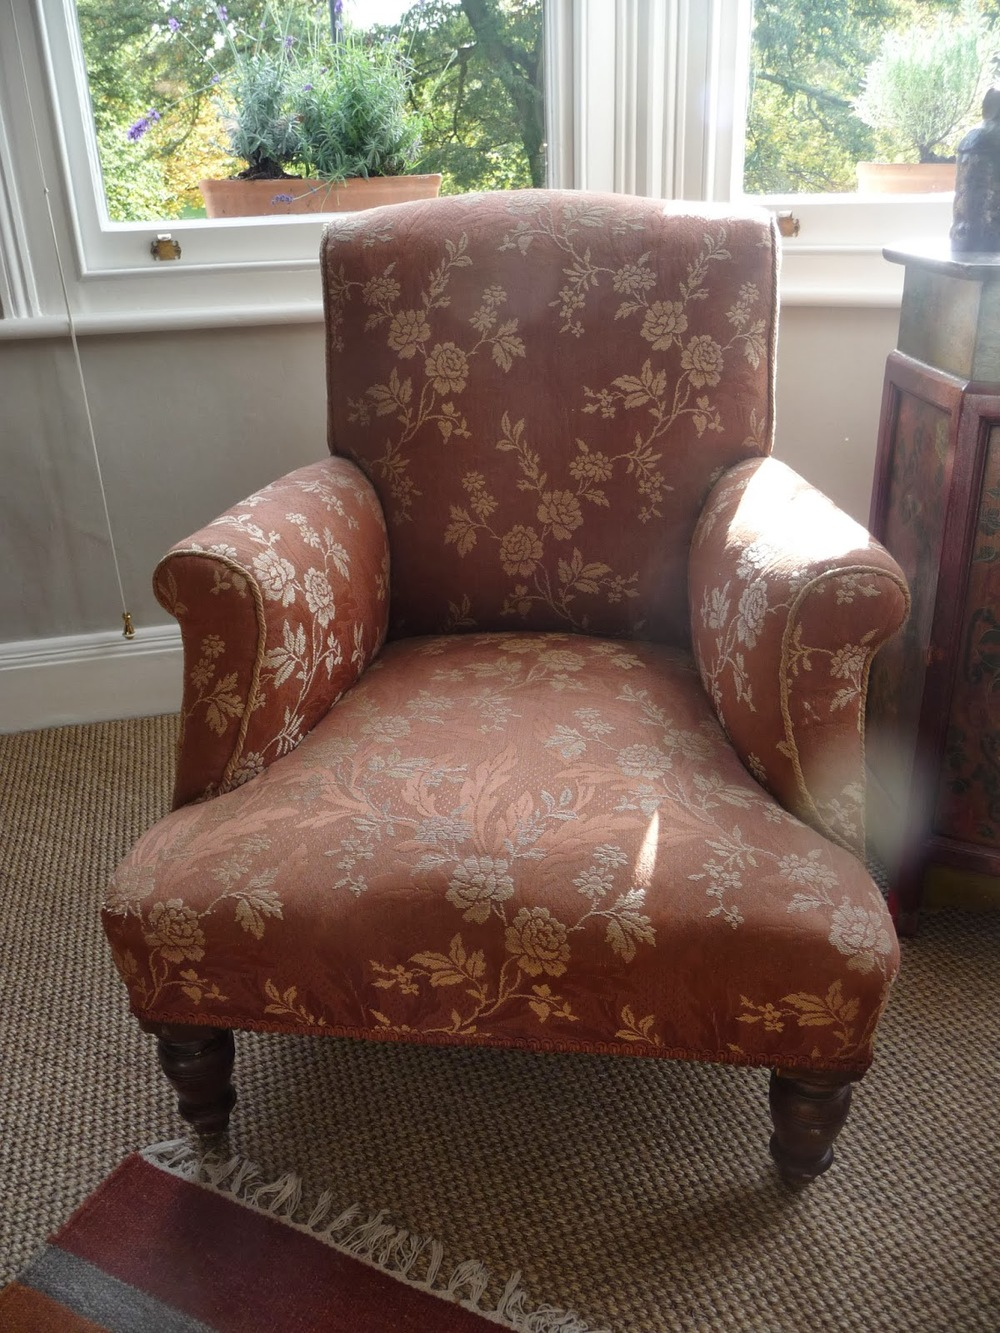 20131117-upholsteredchair2.jpg